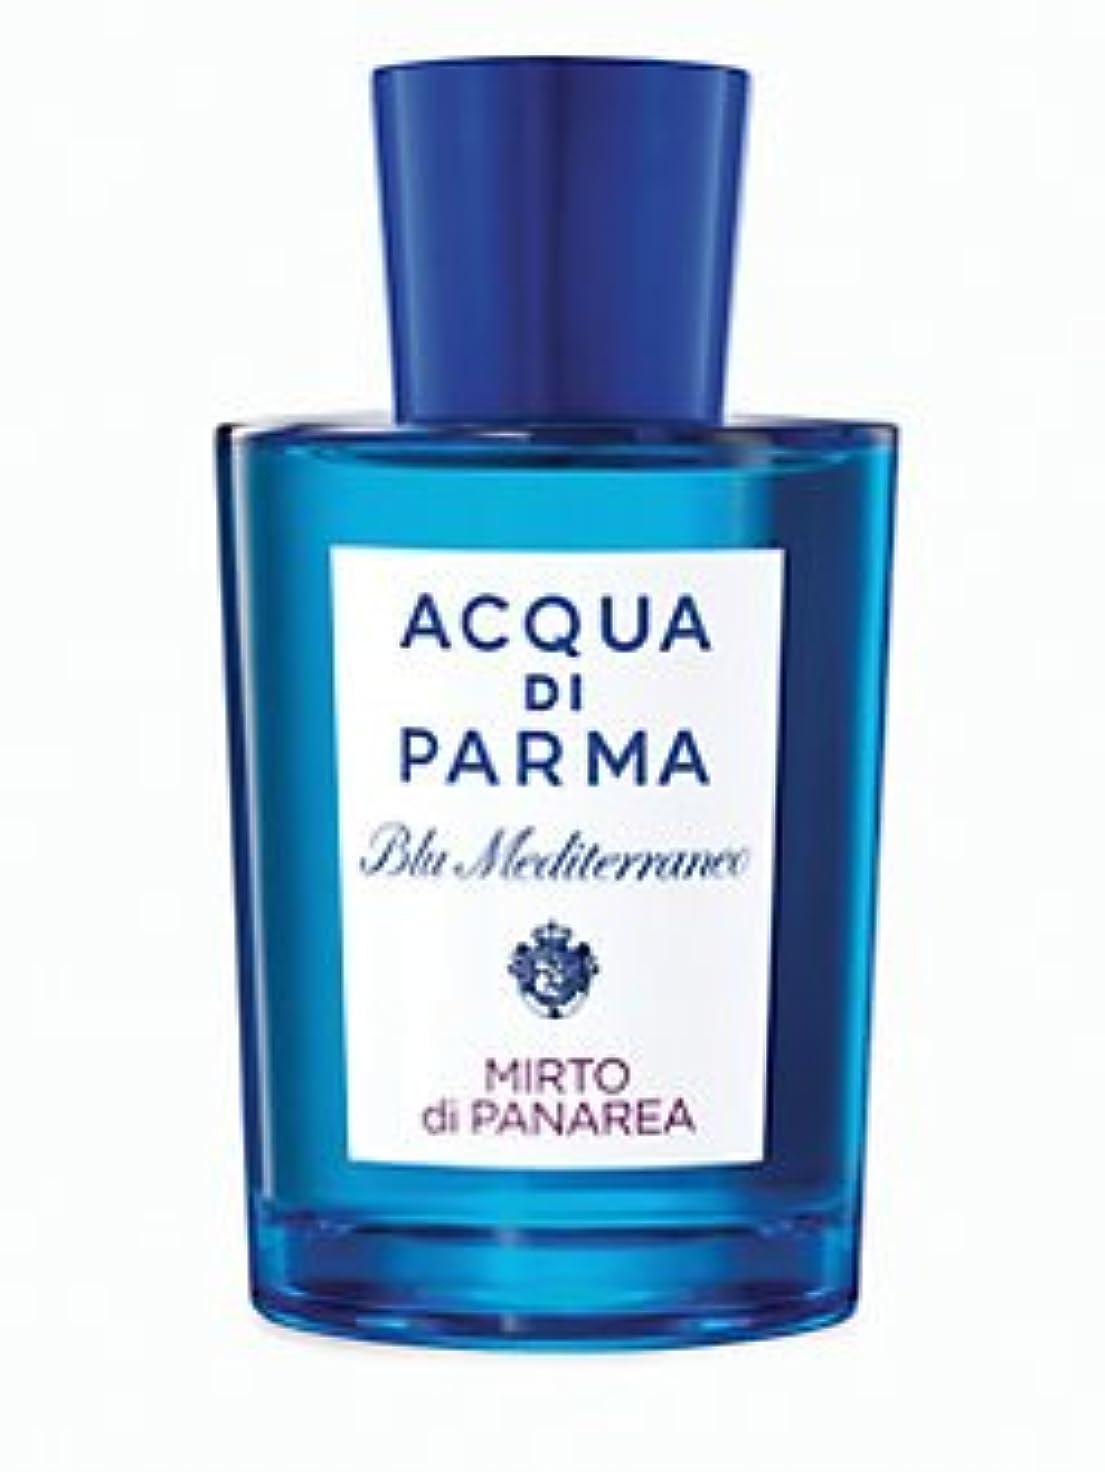 結果として撤回する目指すBlu Mediterraneo Mirto di Panarea (ブルー メディタレーネオ ミルト ディ パナレア) 5.0 oz (150ml) EDT Spray by Acqua di Parma